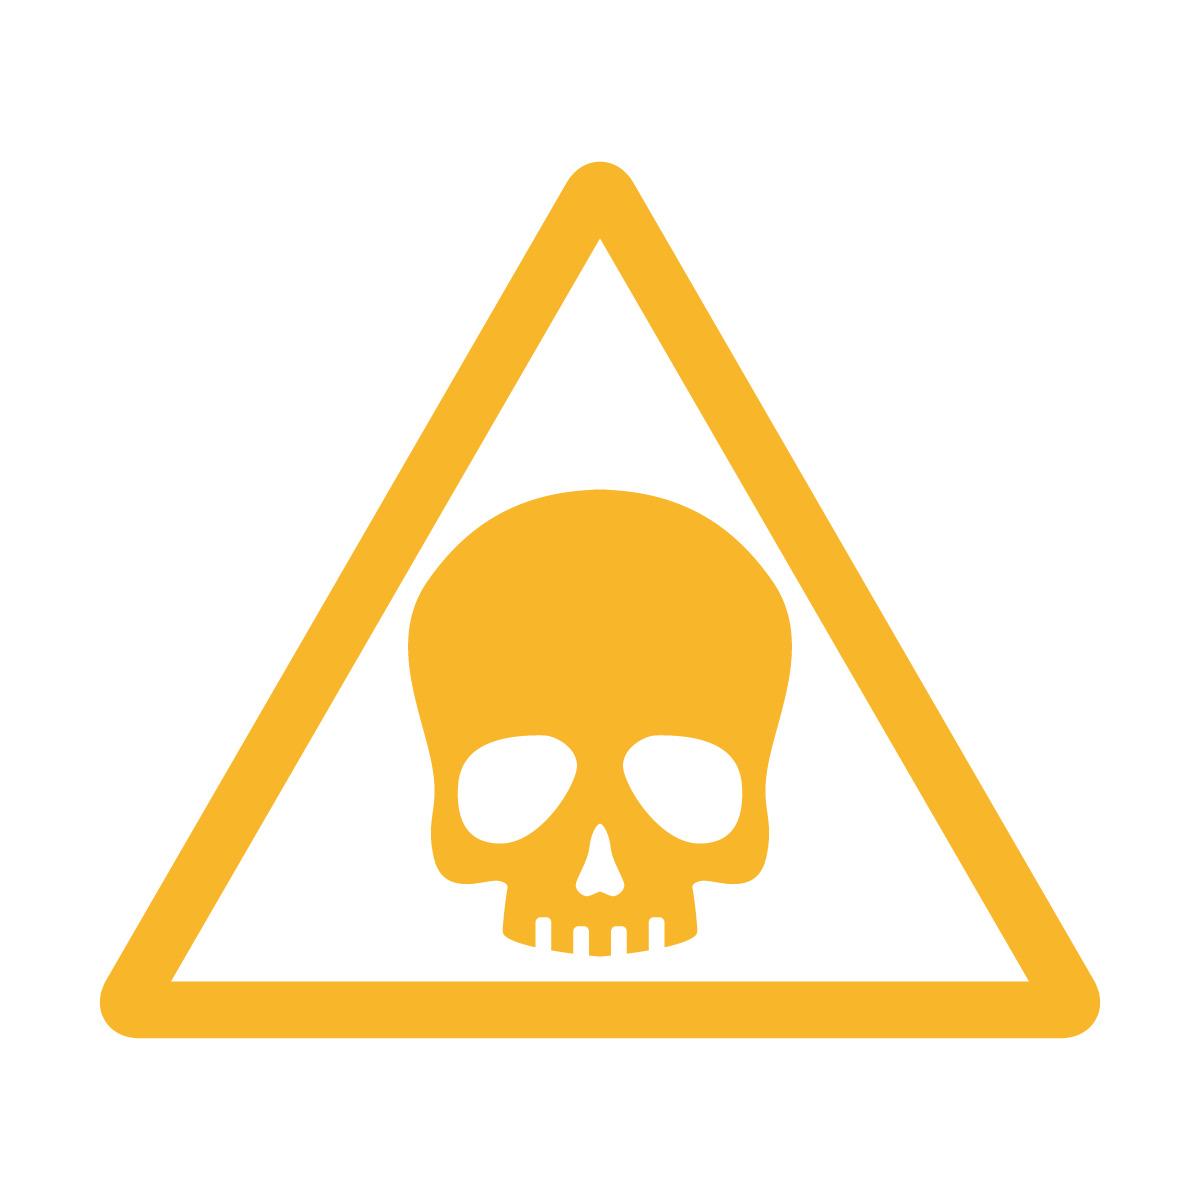 黄色のドクロ・有害・危険・猛毒・注意マークのカッティングステッカー・シール 光沢タイプ・防水・耐水・屋外耐候3~4年